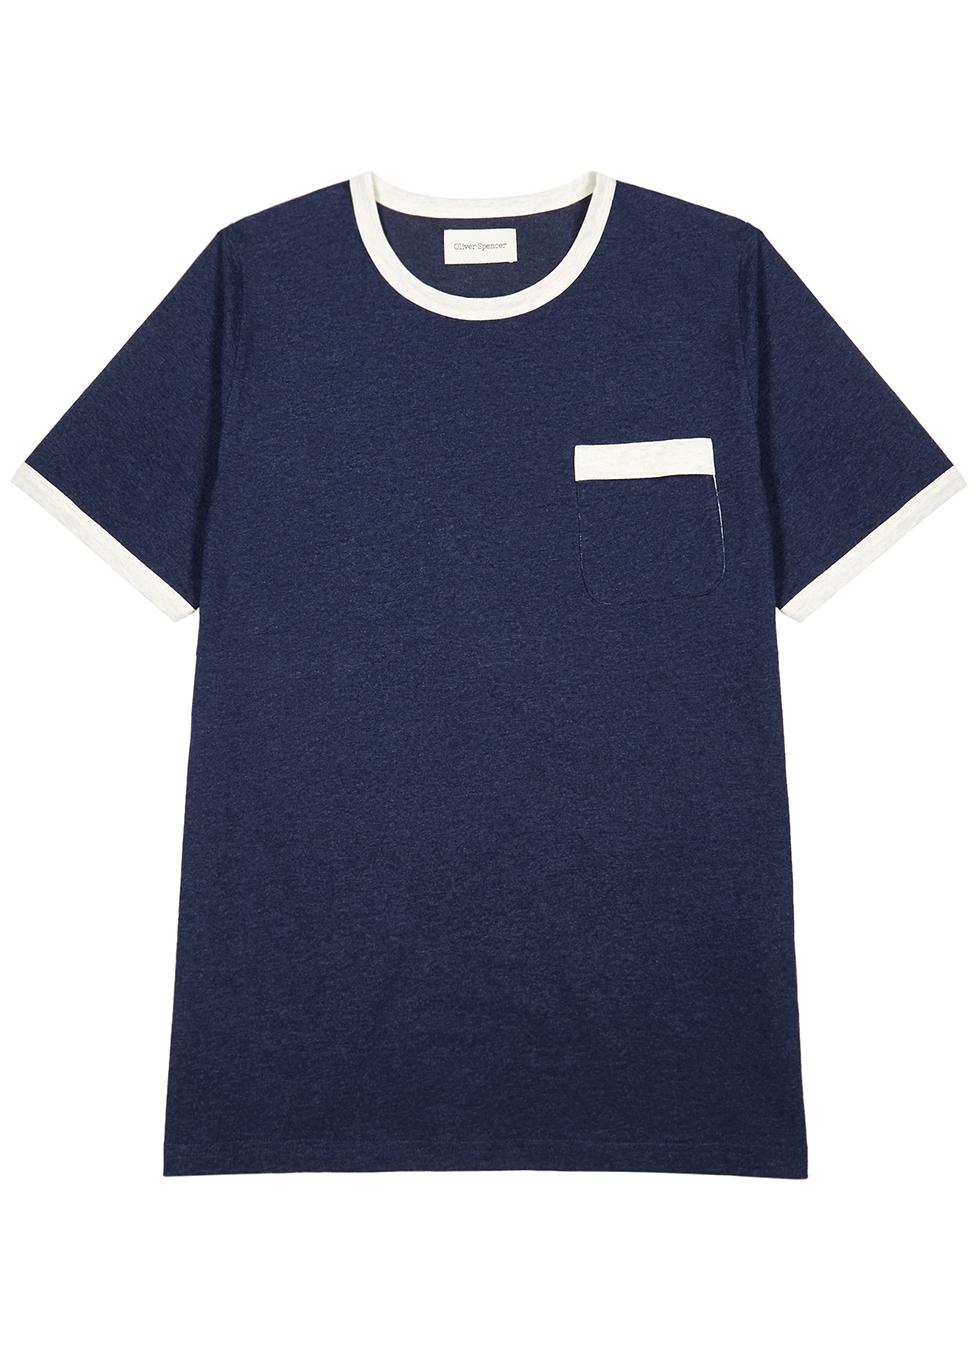 Navy cotton T-shirt - Oliver Spencer